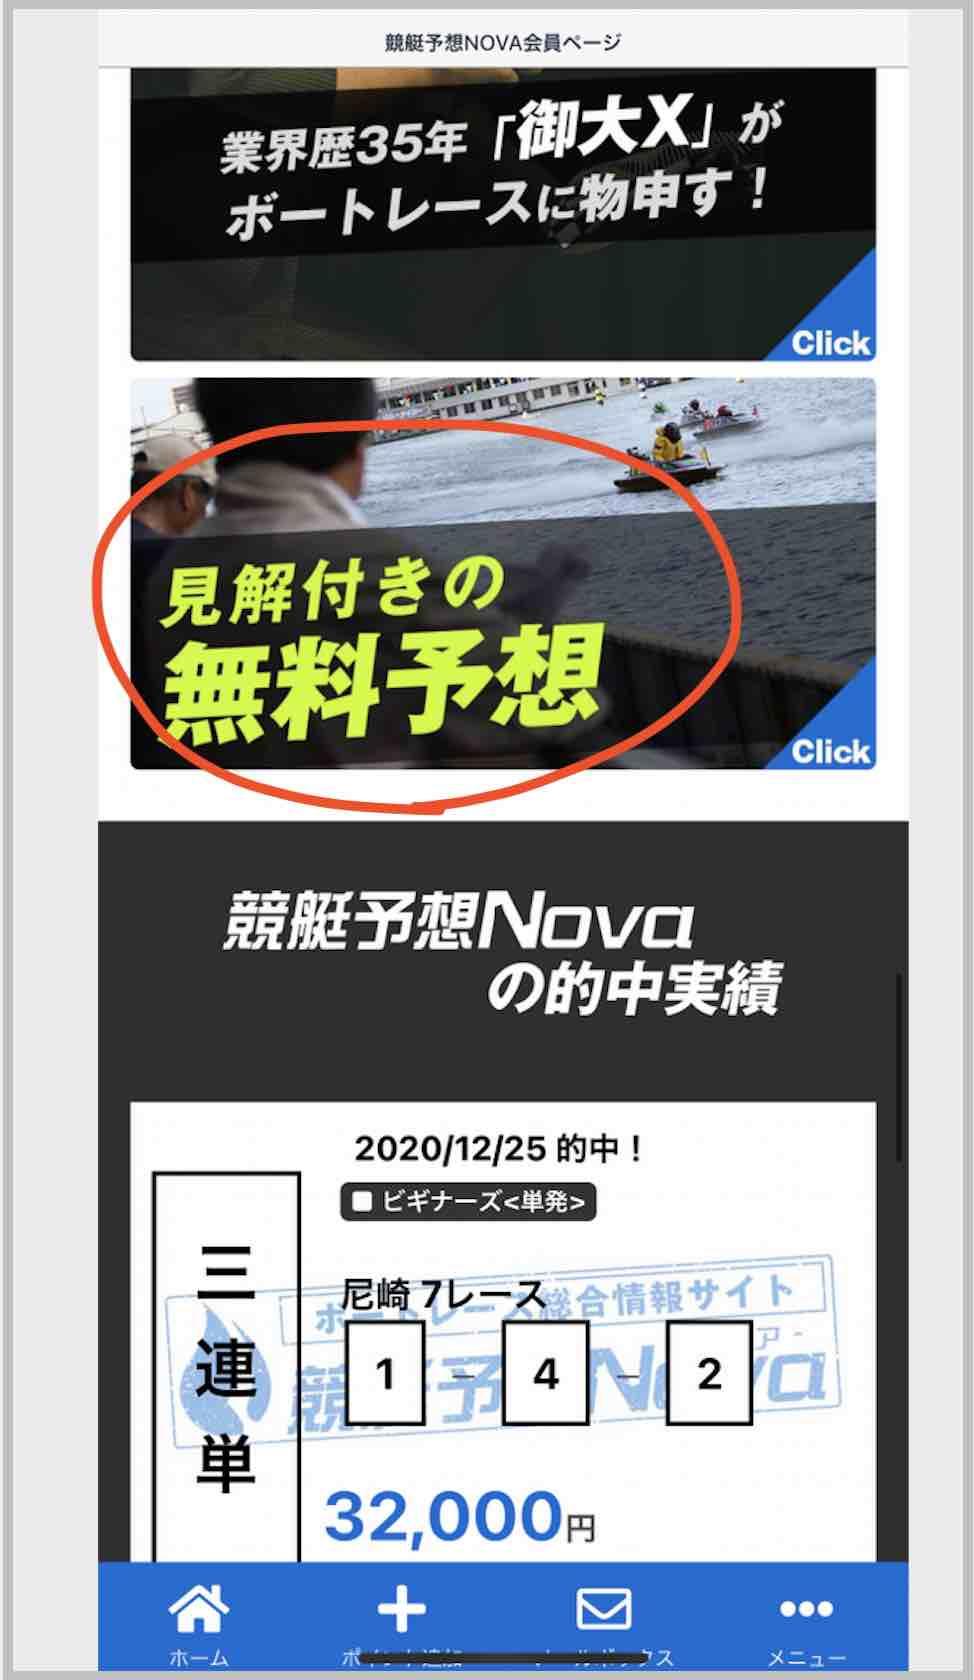 競艇予想NOVA(ノヴァ)という競艇予想サイト(ボートレース予想サイト)の無料予想(無料情報)を確認する